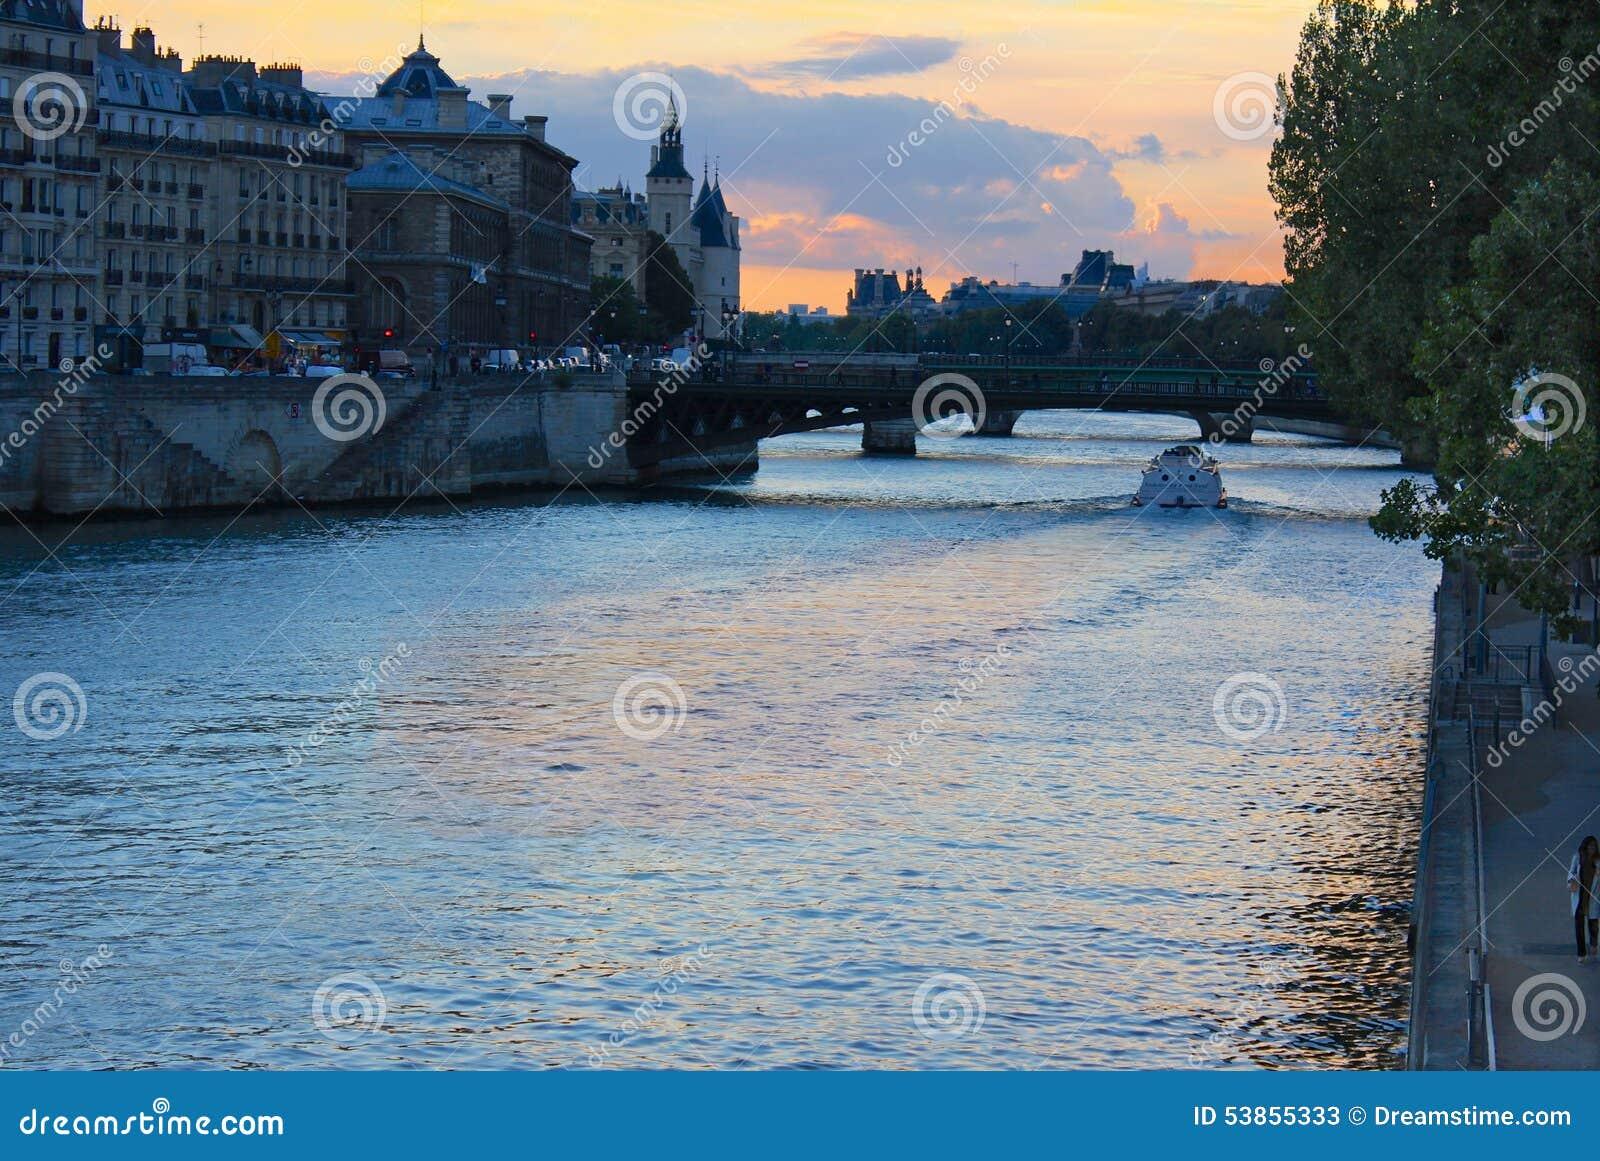 Ηλιοβασίλεμα στον ποταμό του Σηκουάνα, Παρίσι